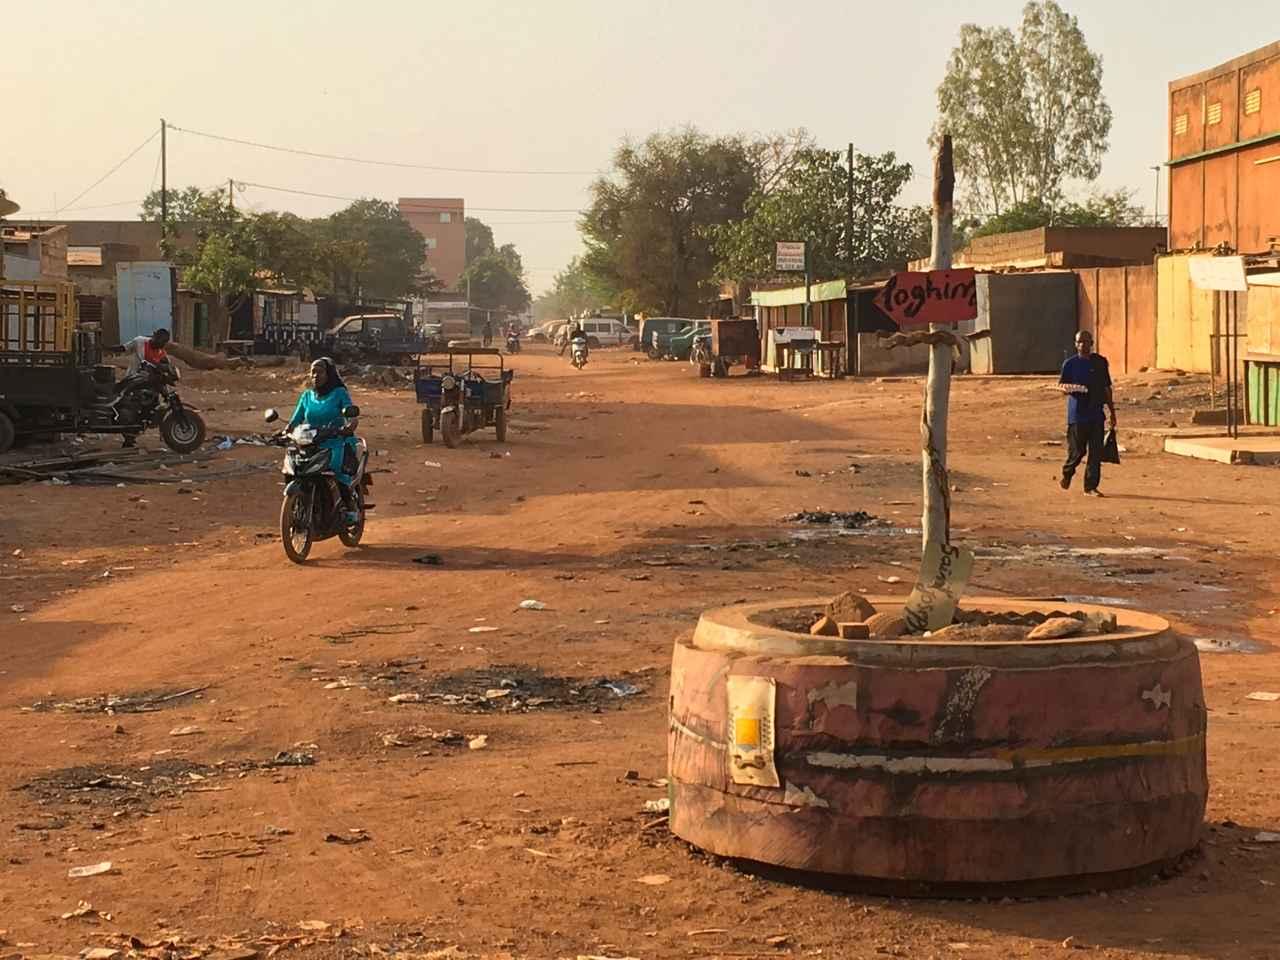 画像: 宿泊していたホテルの前の道路